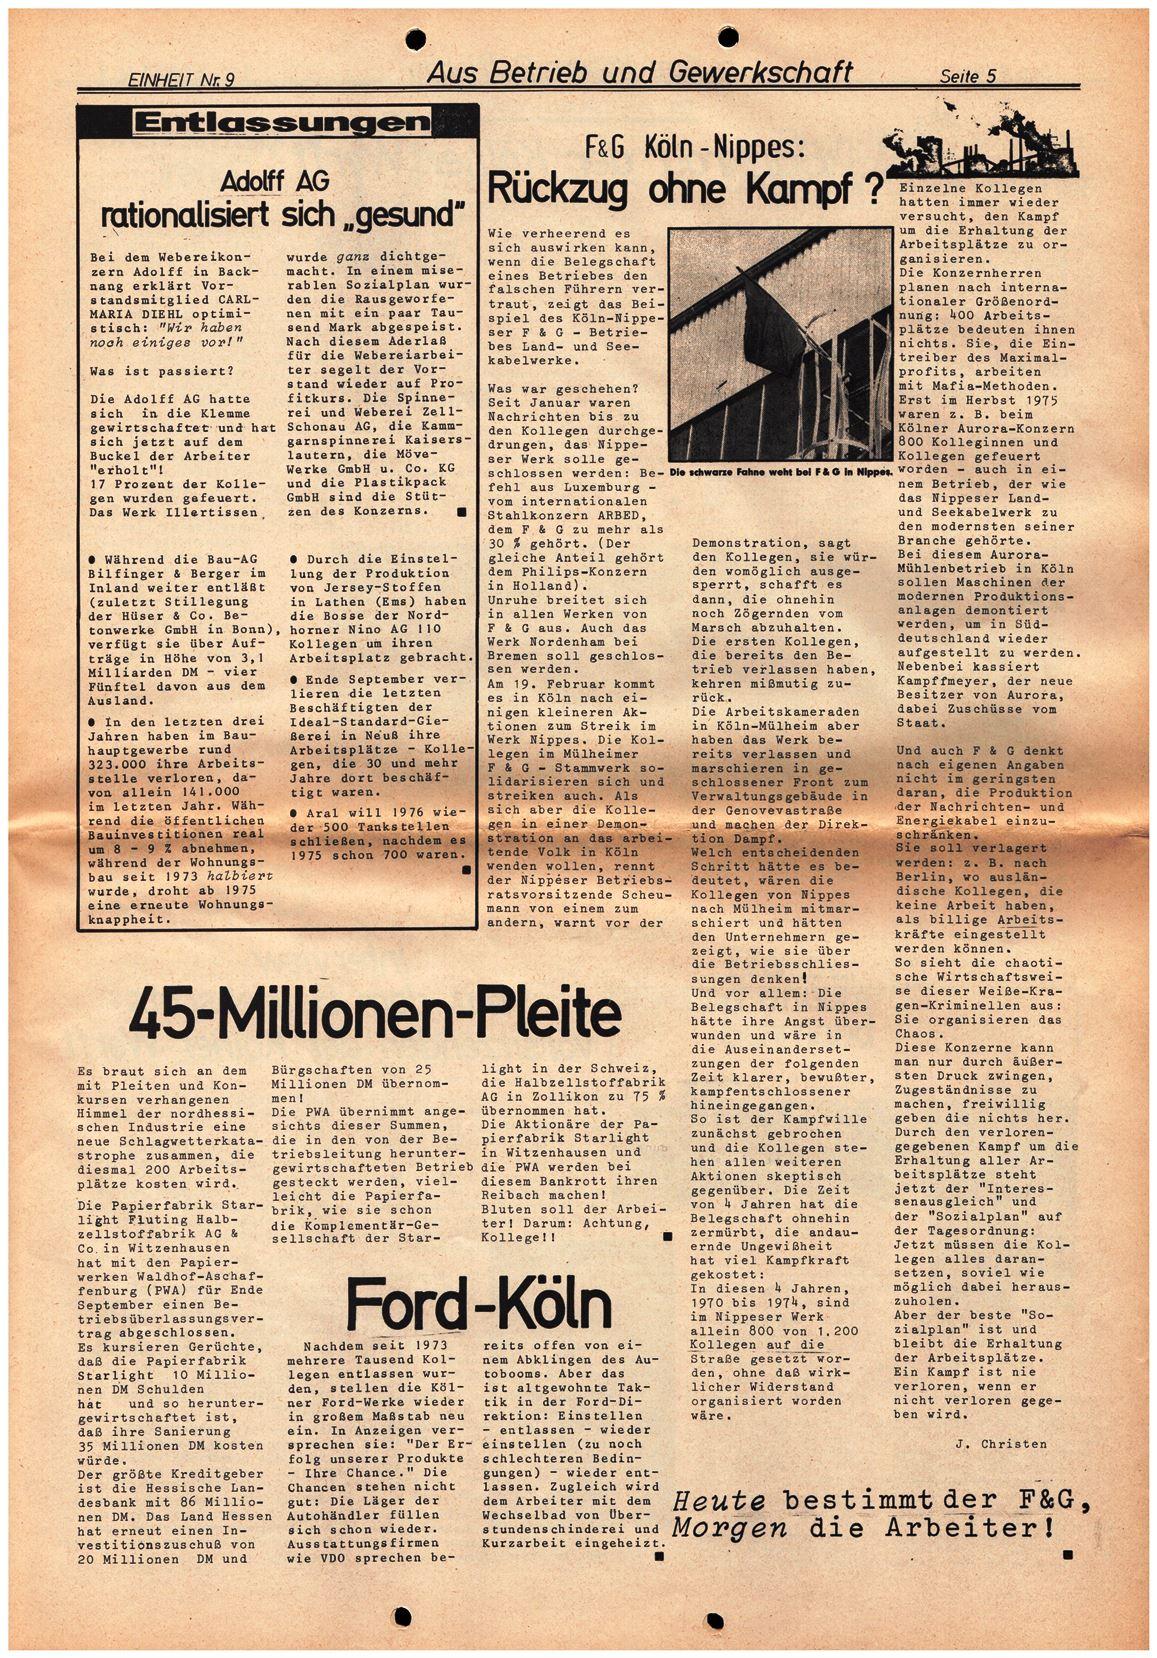 Koeln_IPdA_Einheit_1976_009_005